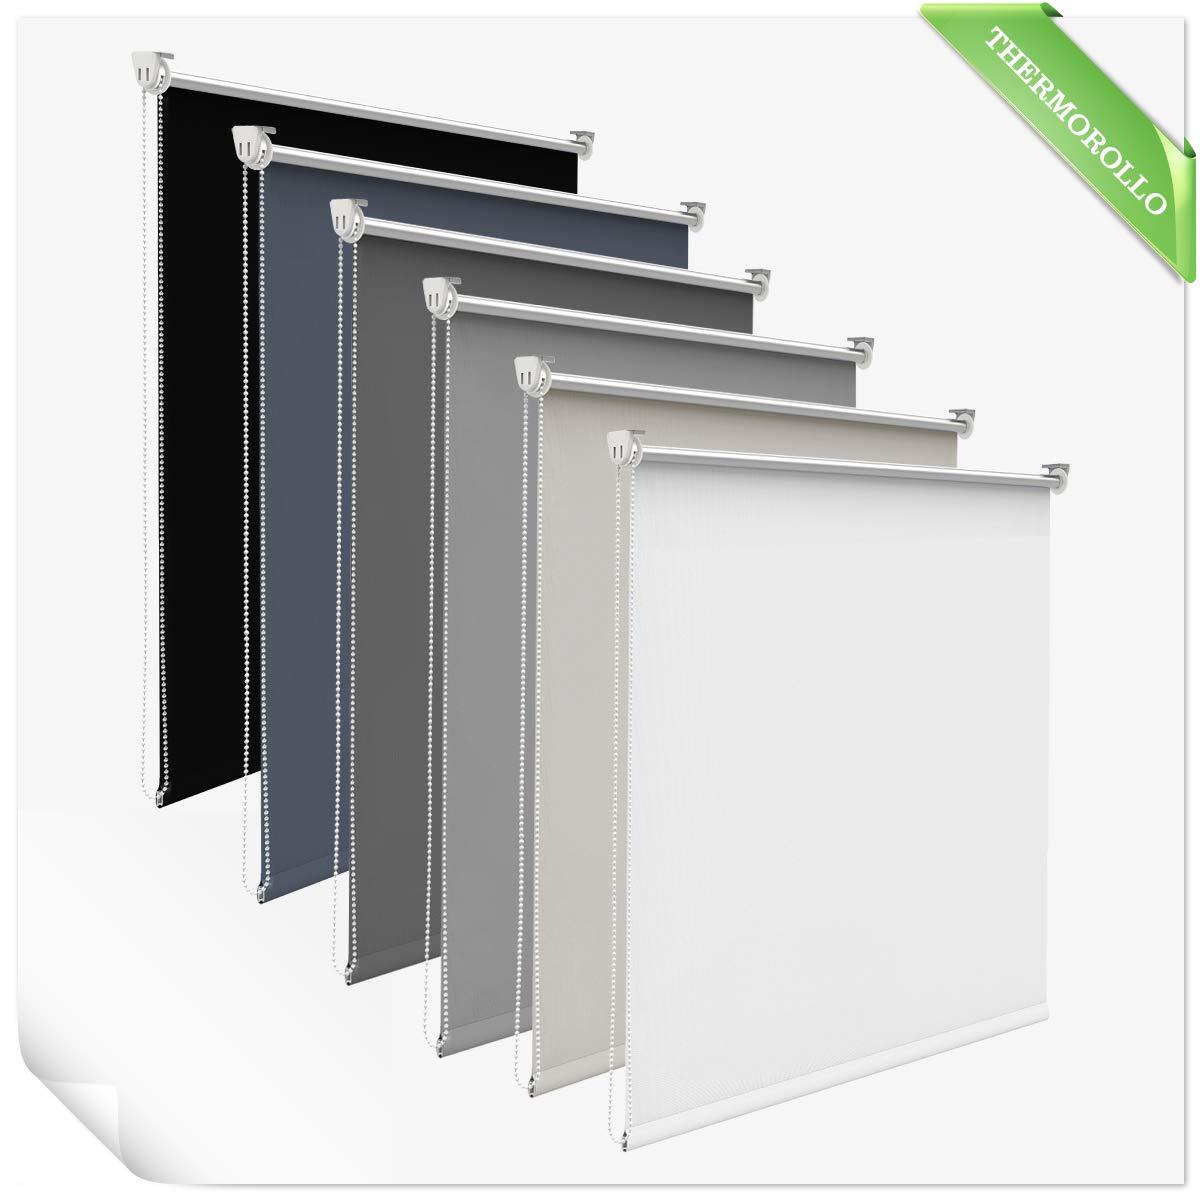 Allesin Tenda a Rullo Avvolgibile Oscuranti 45 x 150 cm Beige Opaque Oscurante Fabric Senza Fori Correzione Facile